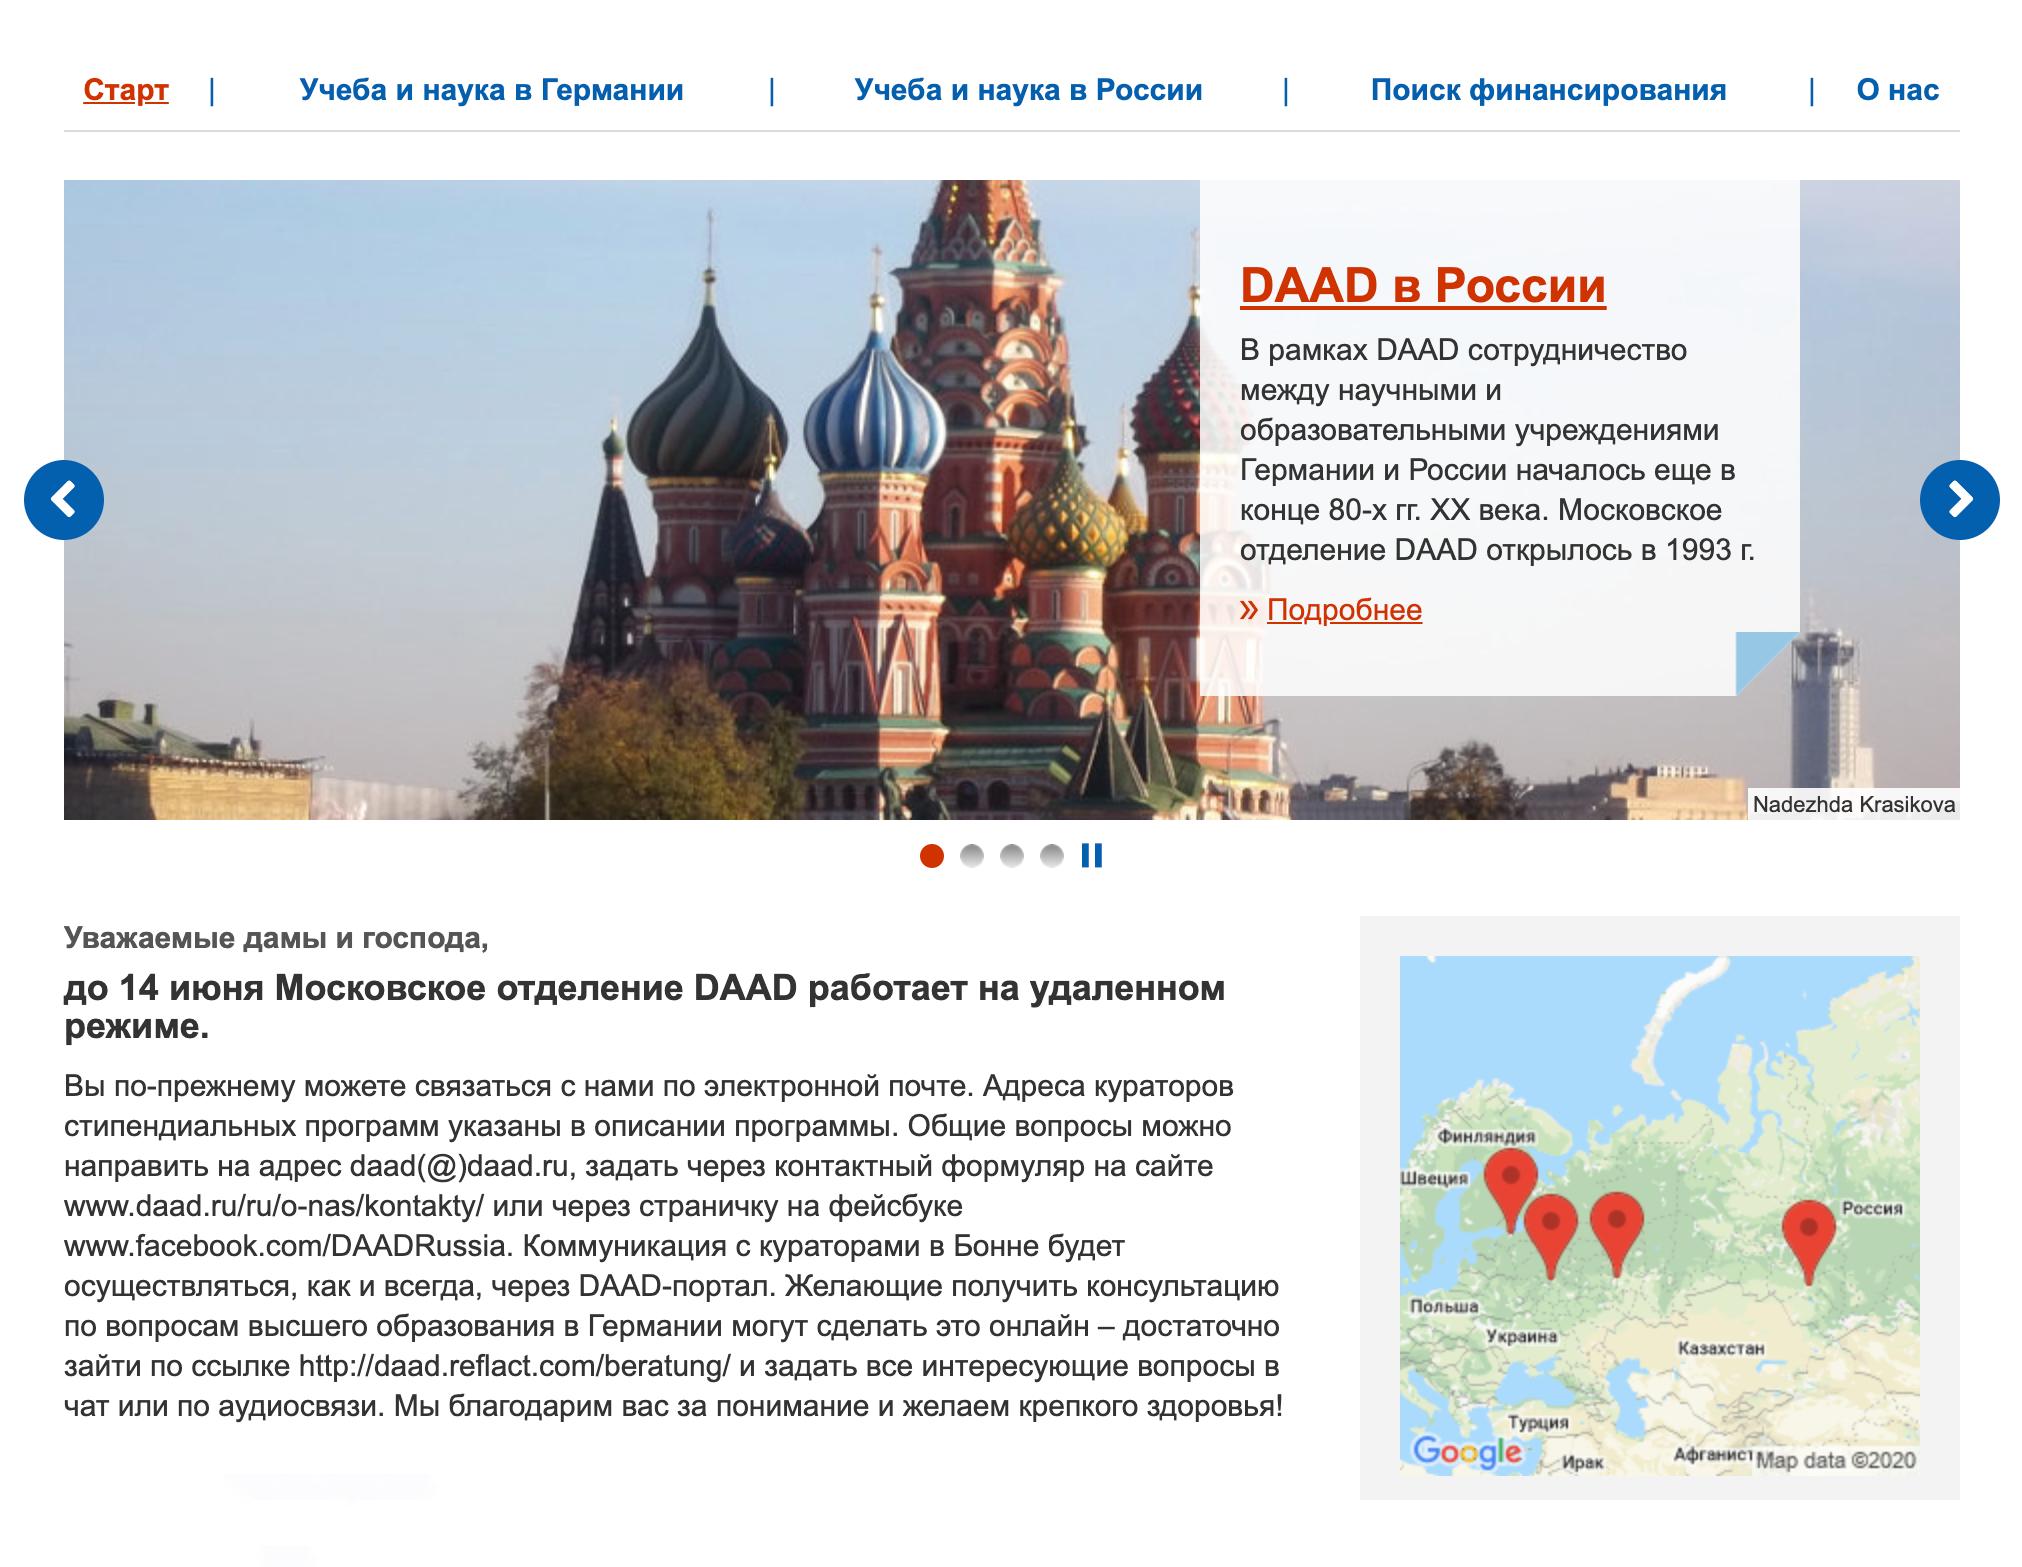 Представительства DAAD в России находятся в Москве, Санкт-Петербурге, Казани и Новосибирске